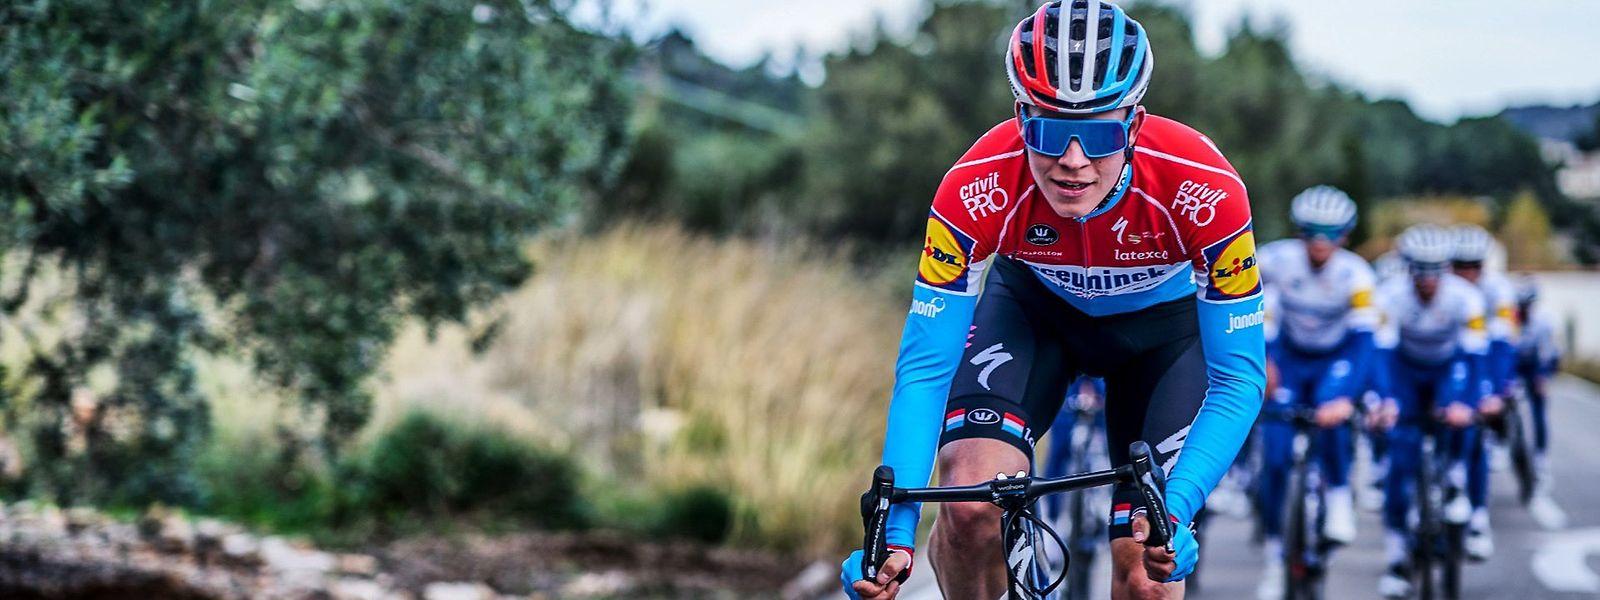 Classiques flandriennes et Tour de France rythmeront la première partie de saison de Bob Jungels.